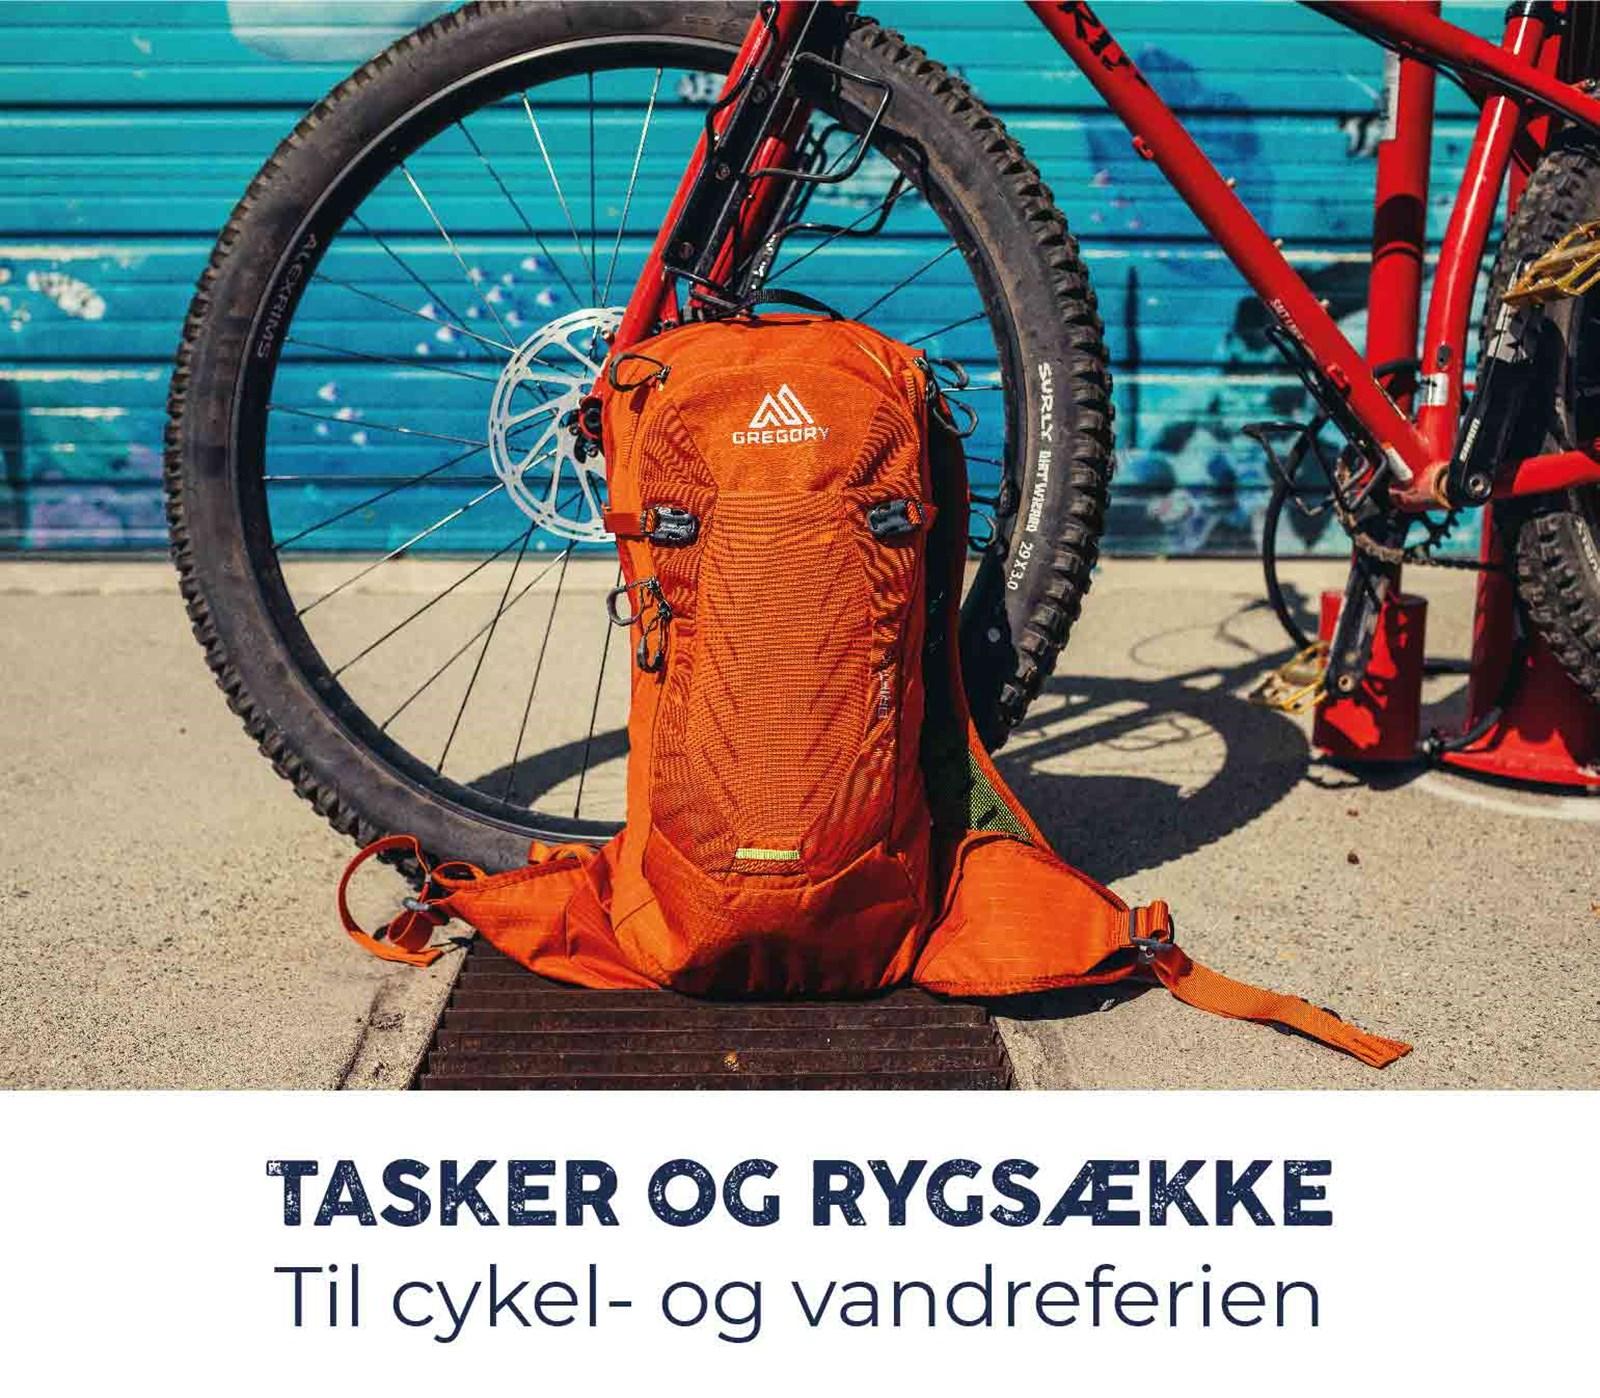 Tasker og rygsække til cykel- og vandreferien